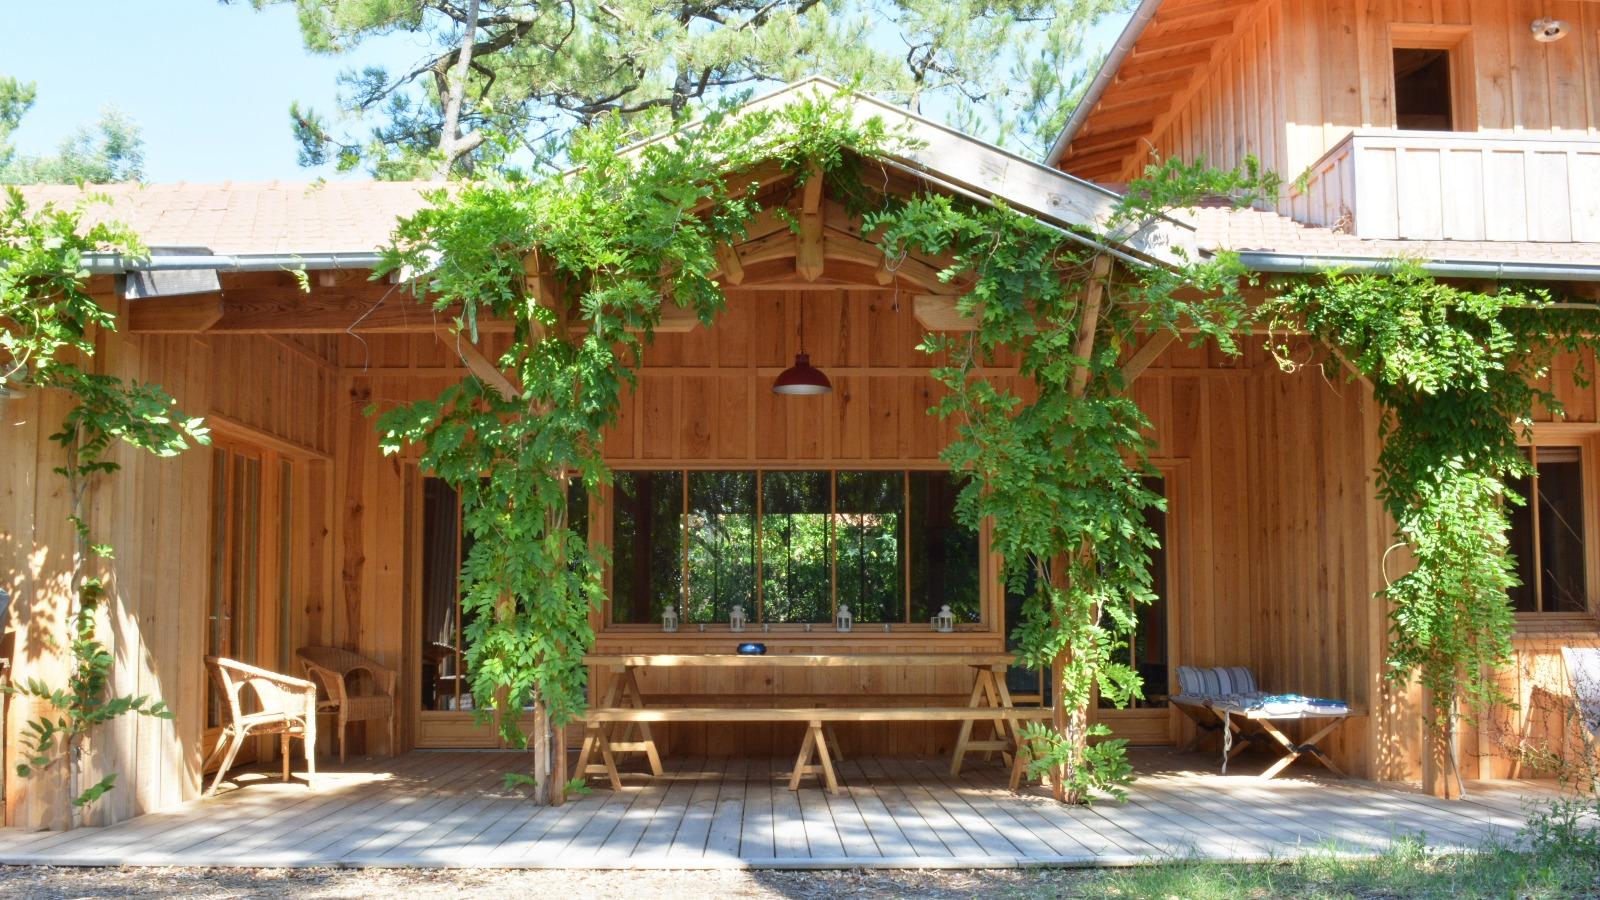 Cap ferret entre bassin et oc an maison en bois esprit cabane - Maison bois cap ferret ...